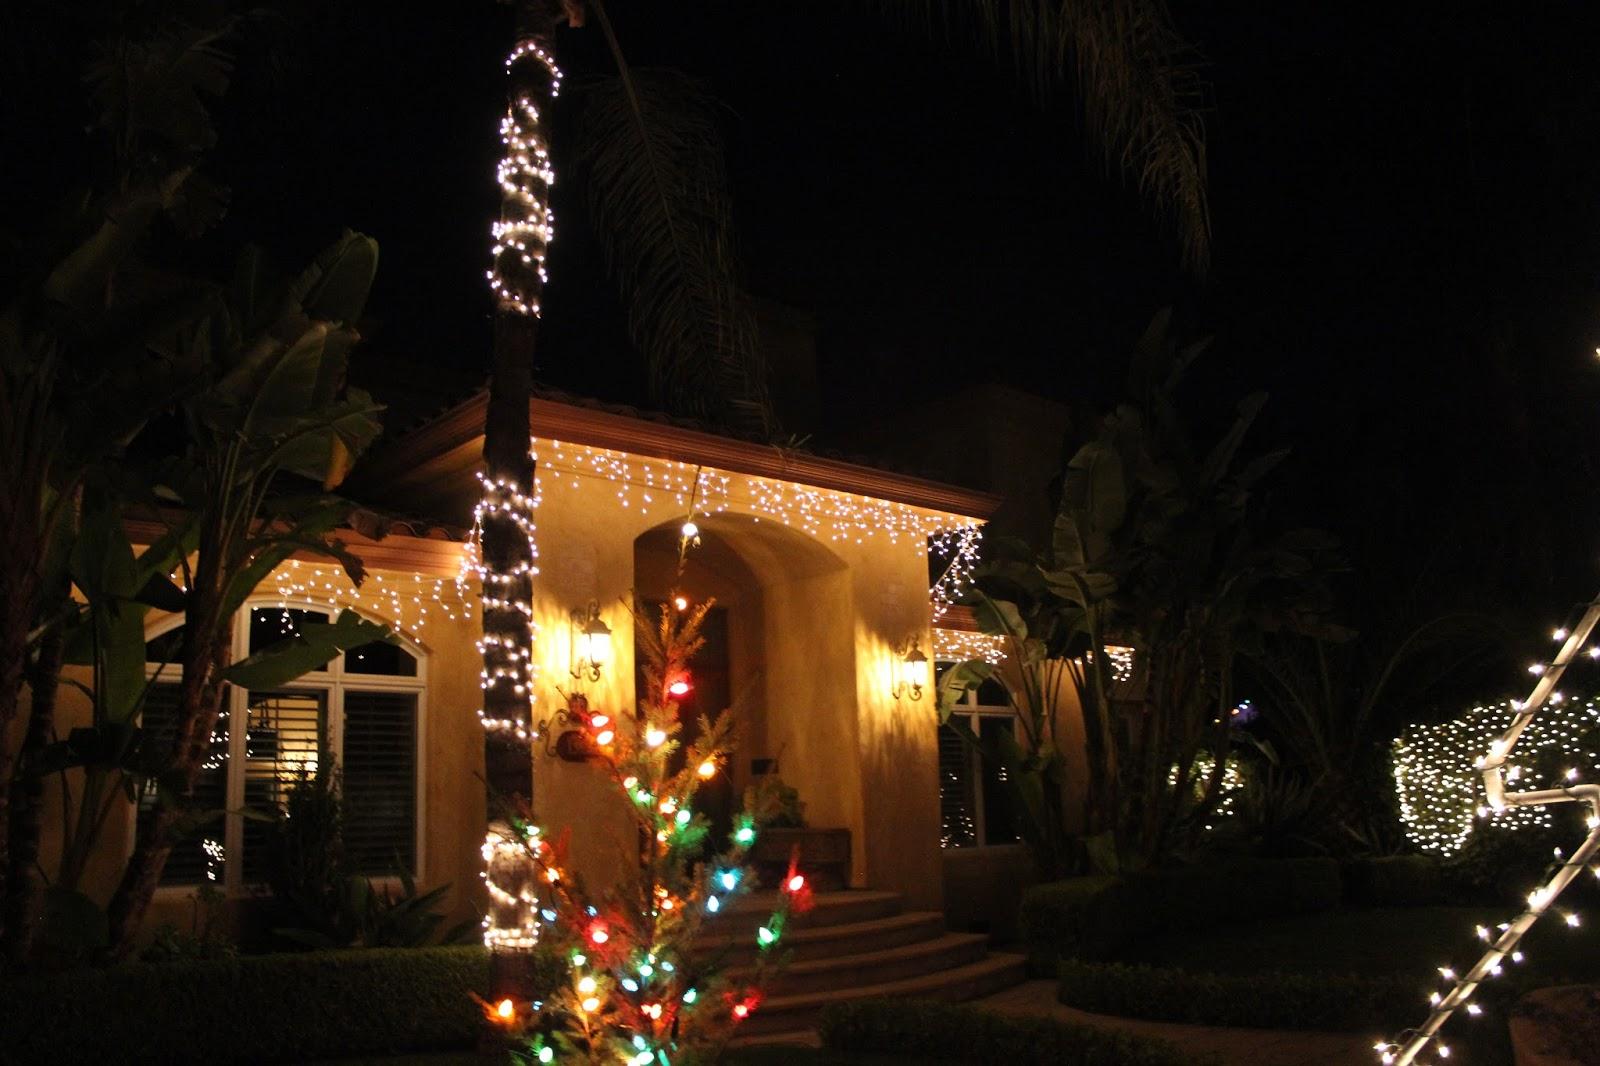 #C0850B Les Tribulations D'une Famille Française En Californie  5329 décorations de noel aux etats unis 1600x1066 px @ aertt.com